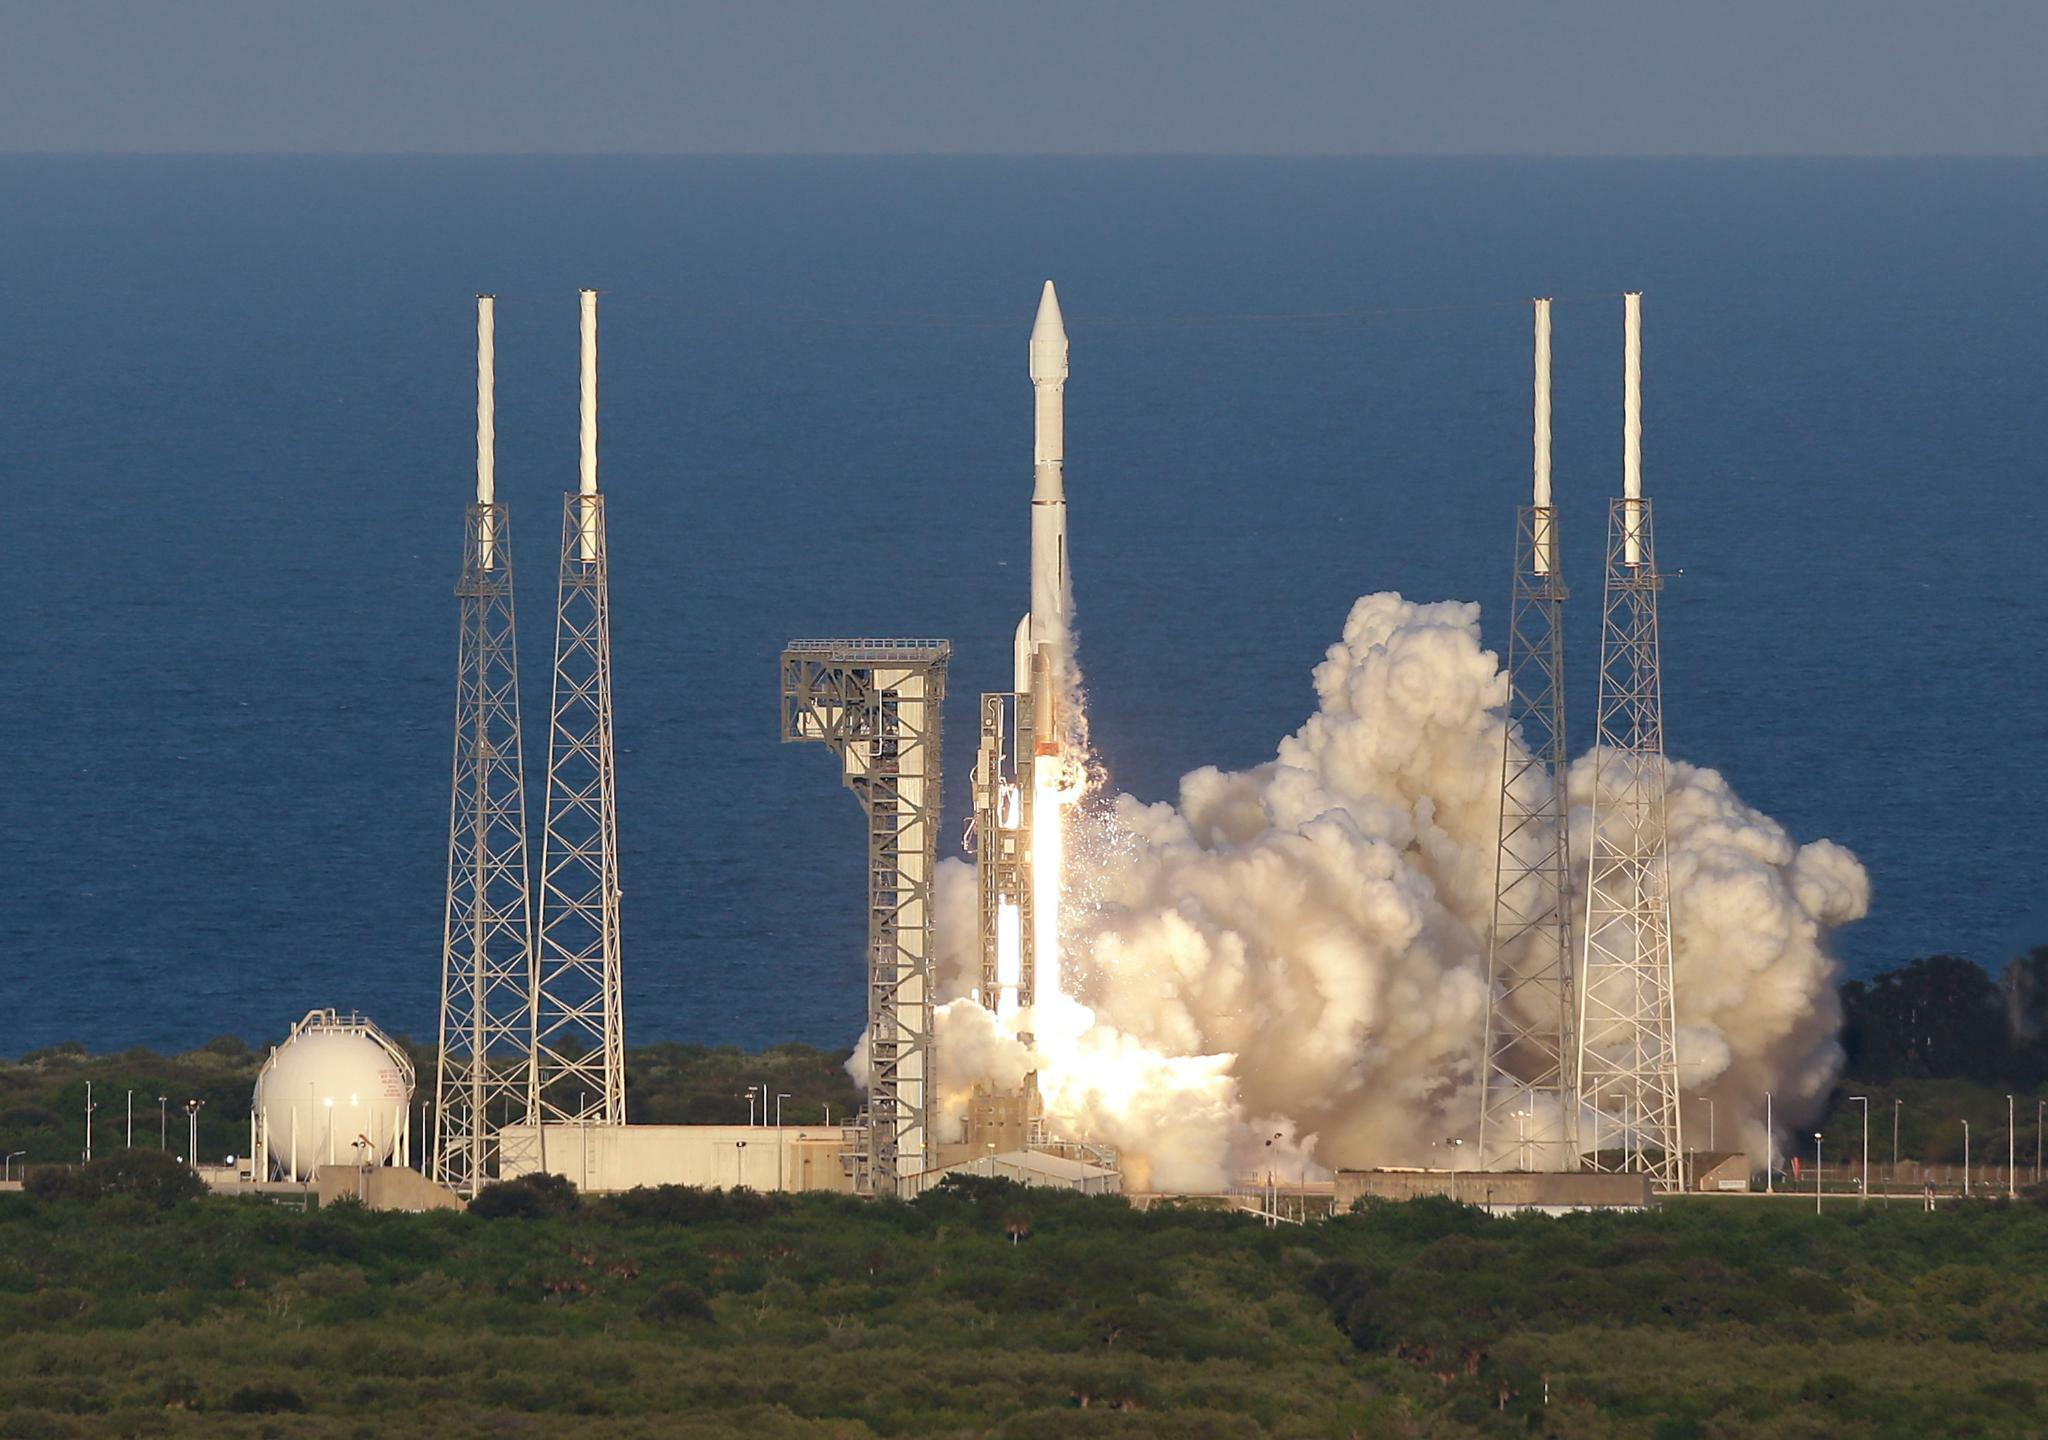 Boeing und Lockheed erhalten Zuschlag für Mond-Mission – SpaceX geht leer aus